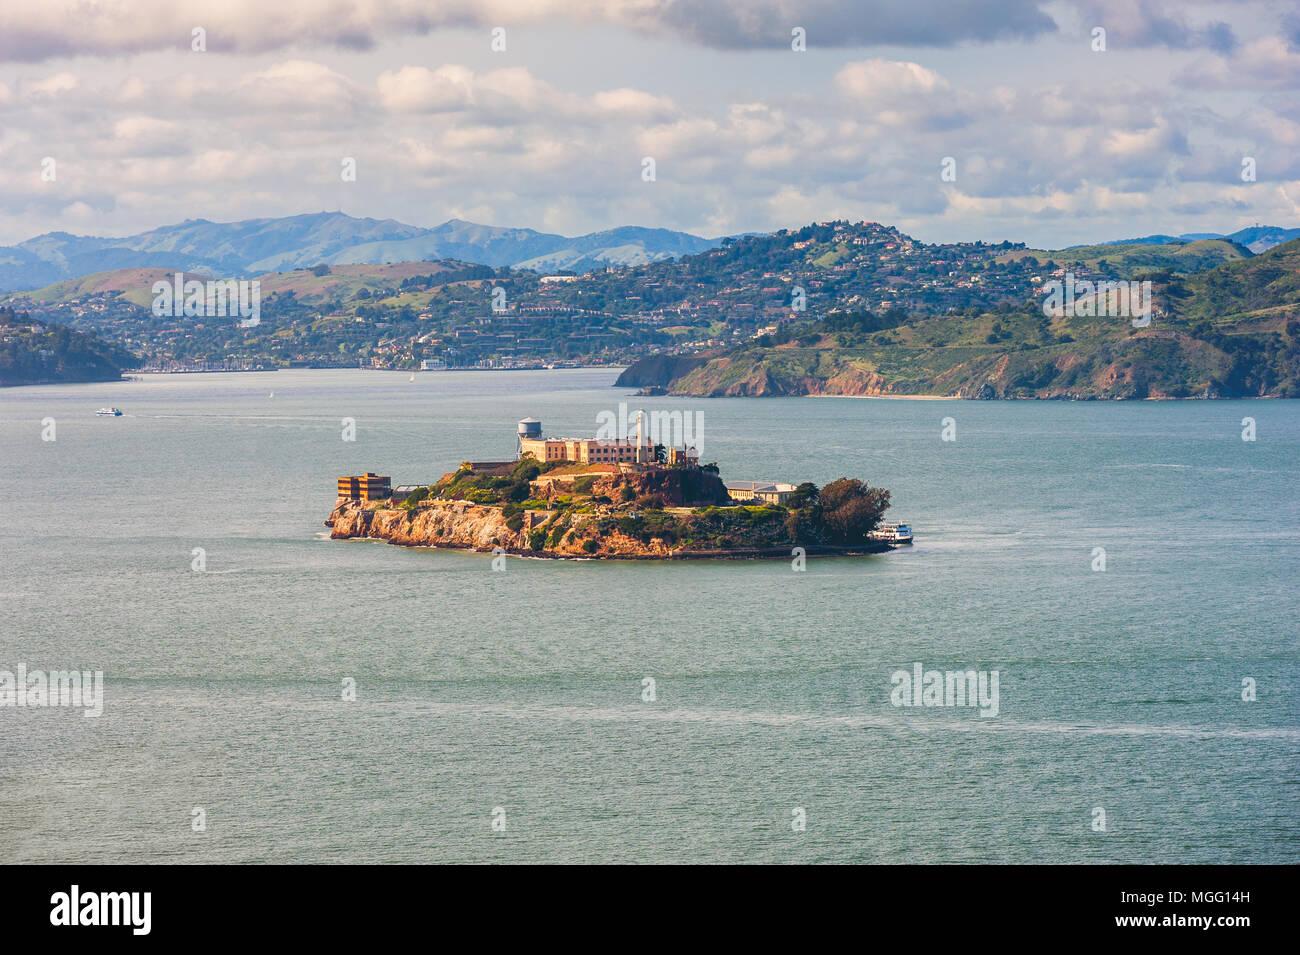 L'île d'Alcatraz dans la baie de San Francisco, 1,25 milles au large de San Francisco, Californie, USA Banque D'Images